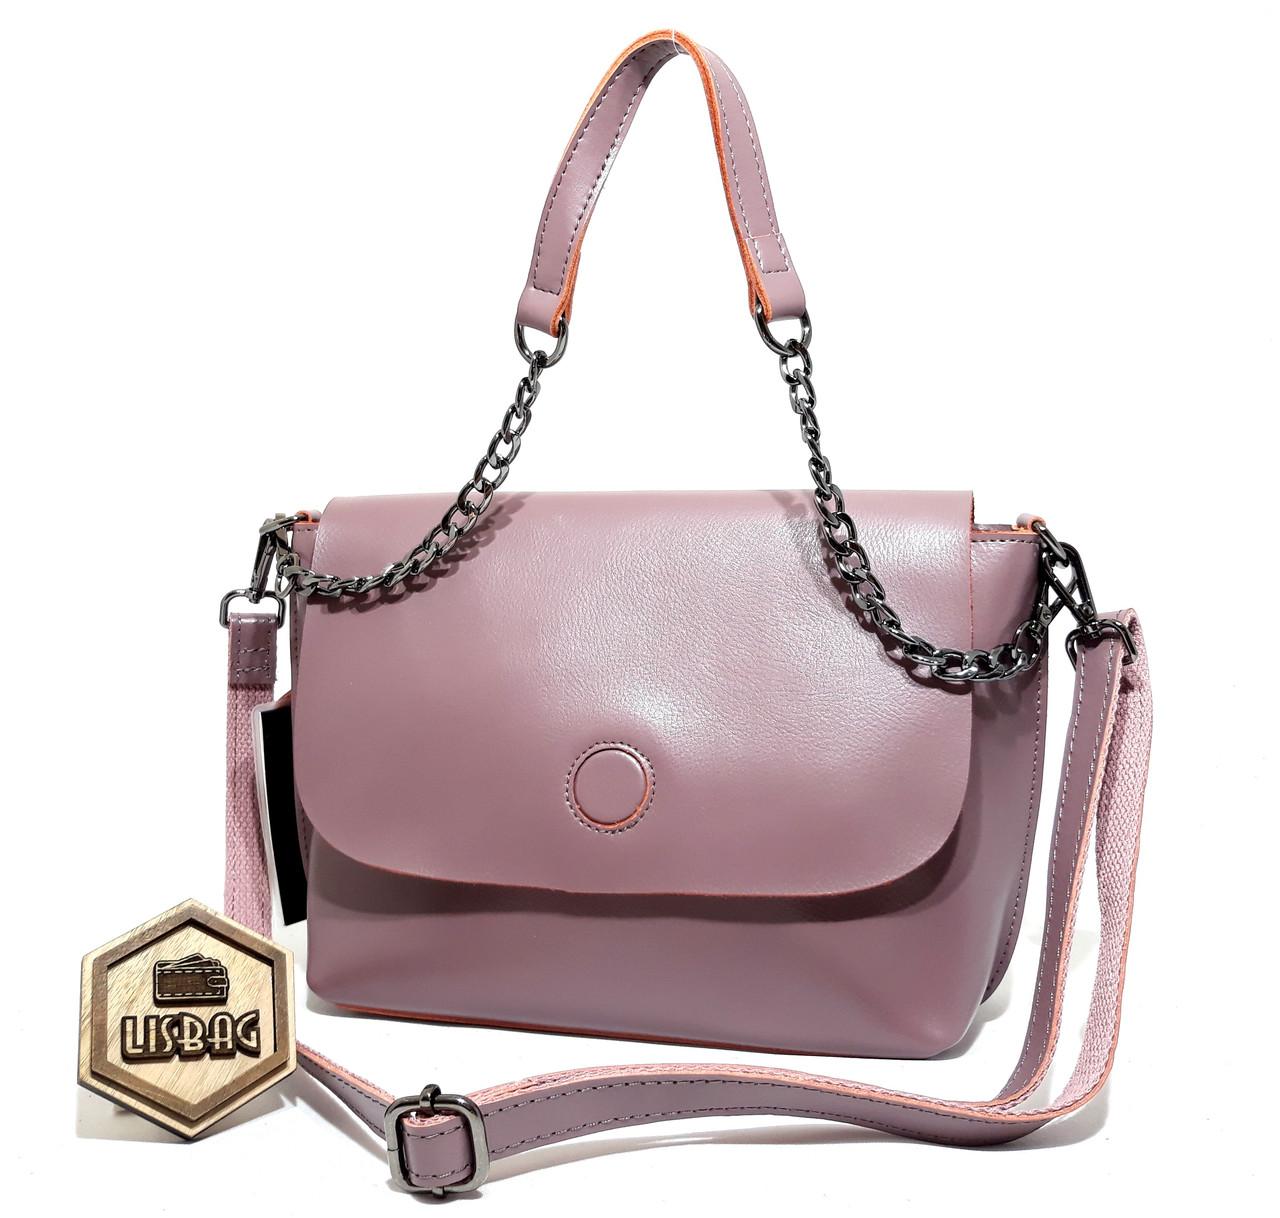 240da546102b Женская кожаная сумка Galanty цвет Пепла розы через плечо\на плечо на цепи  - Интернет